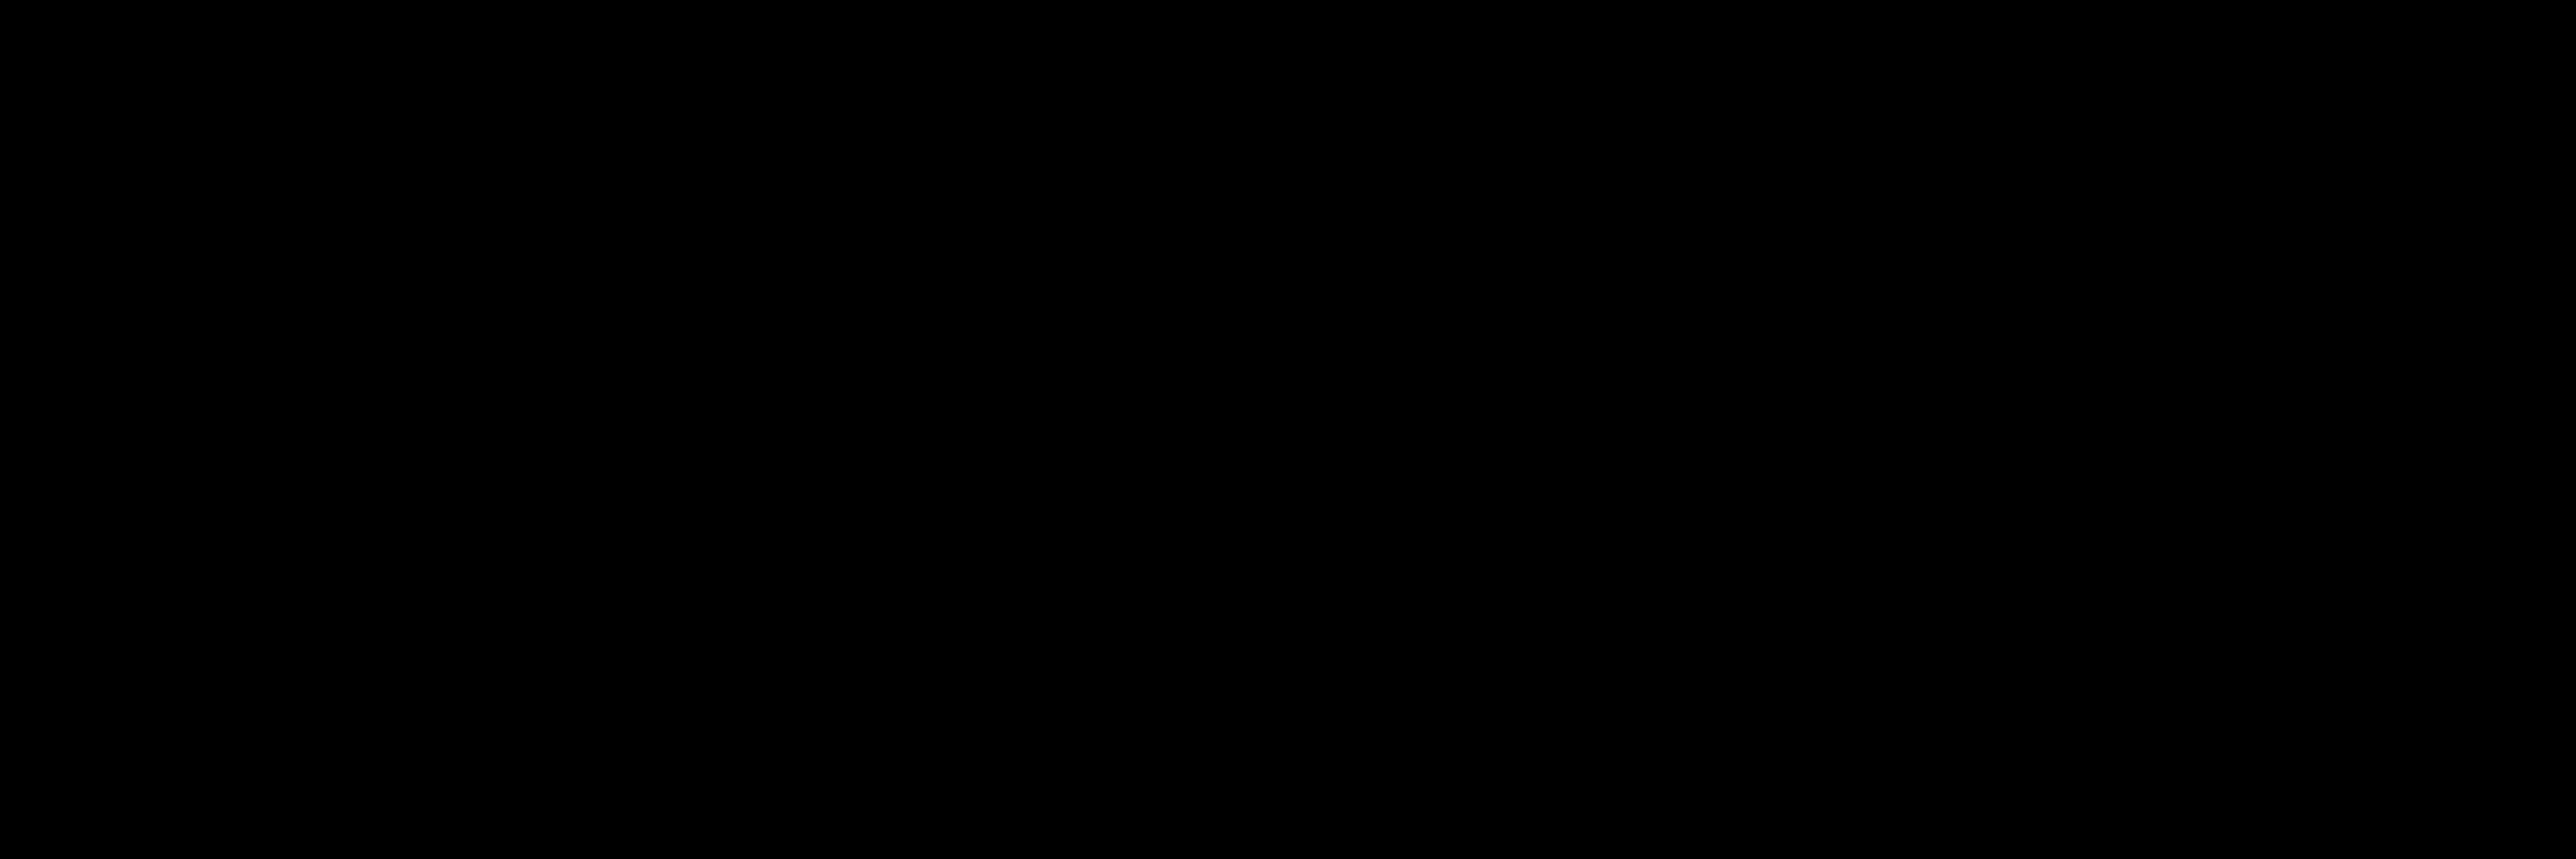 Saima Eman banner